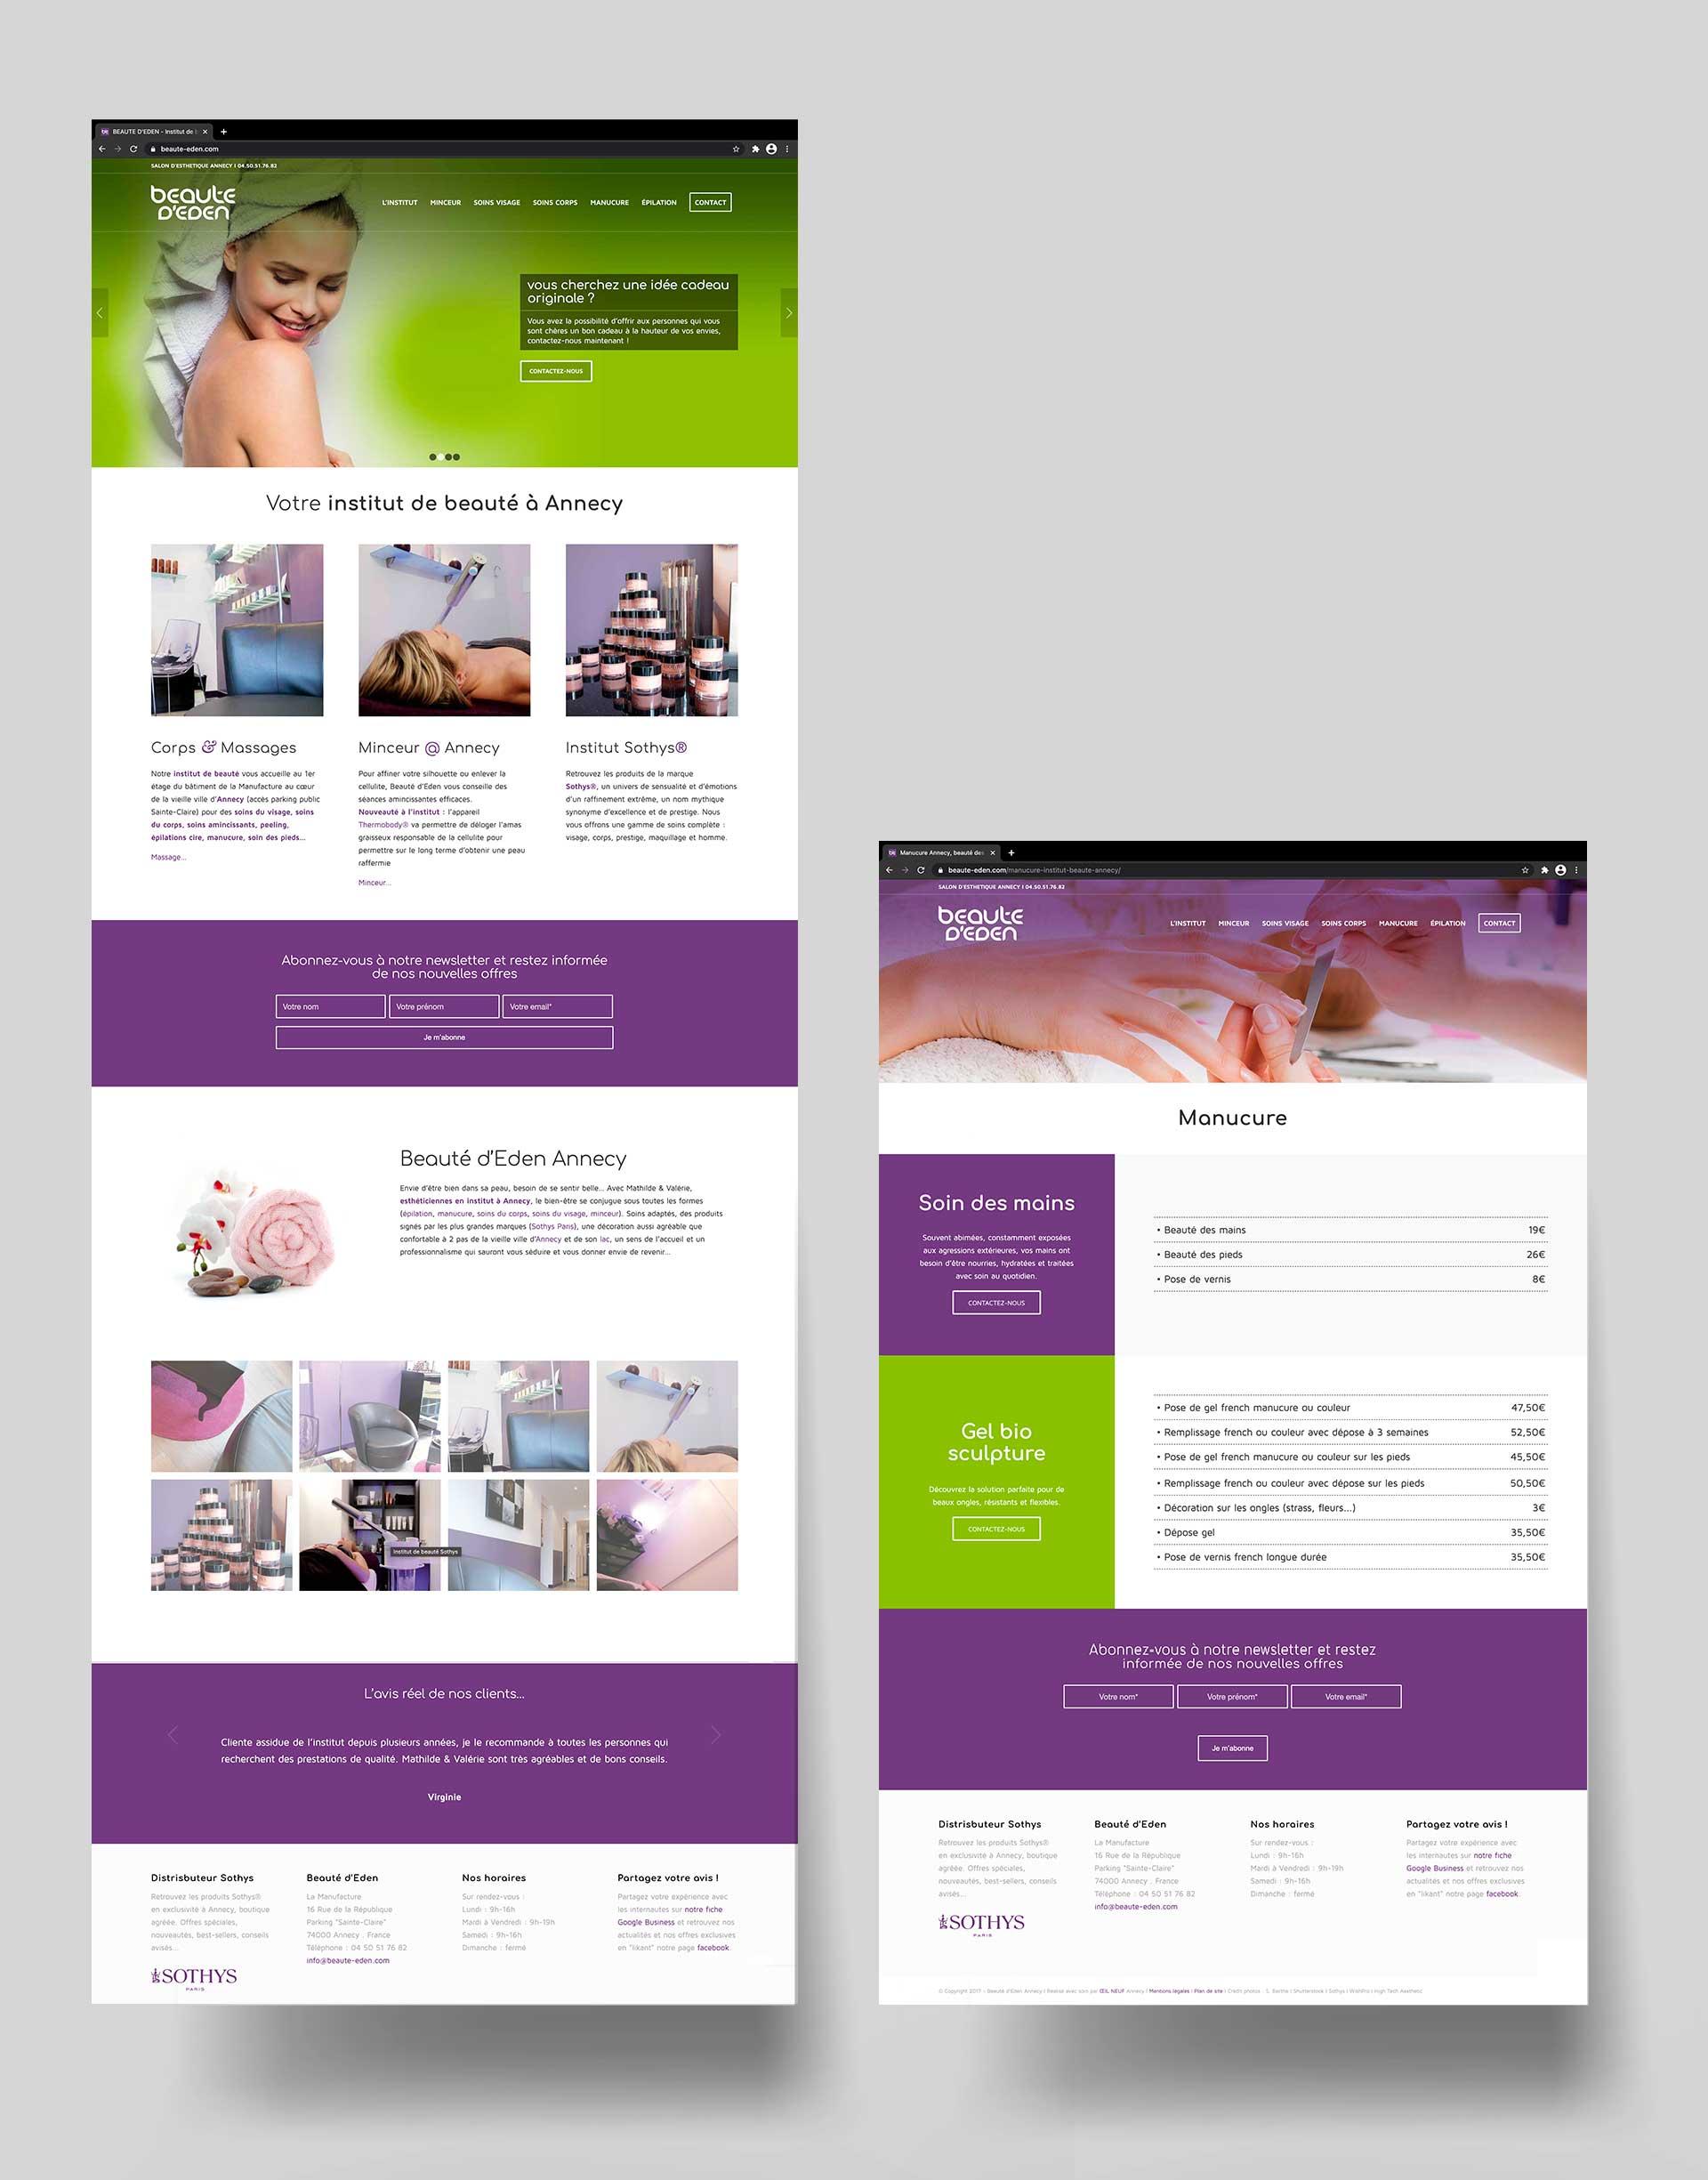 Création d'un site internet pour une institut de beauté à Annecy